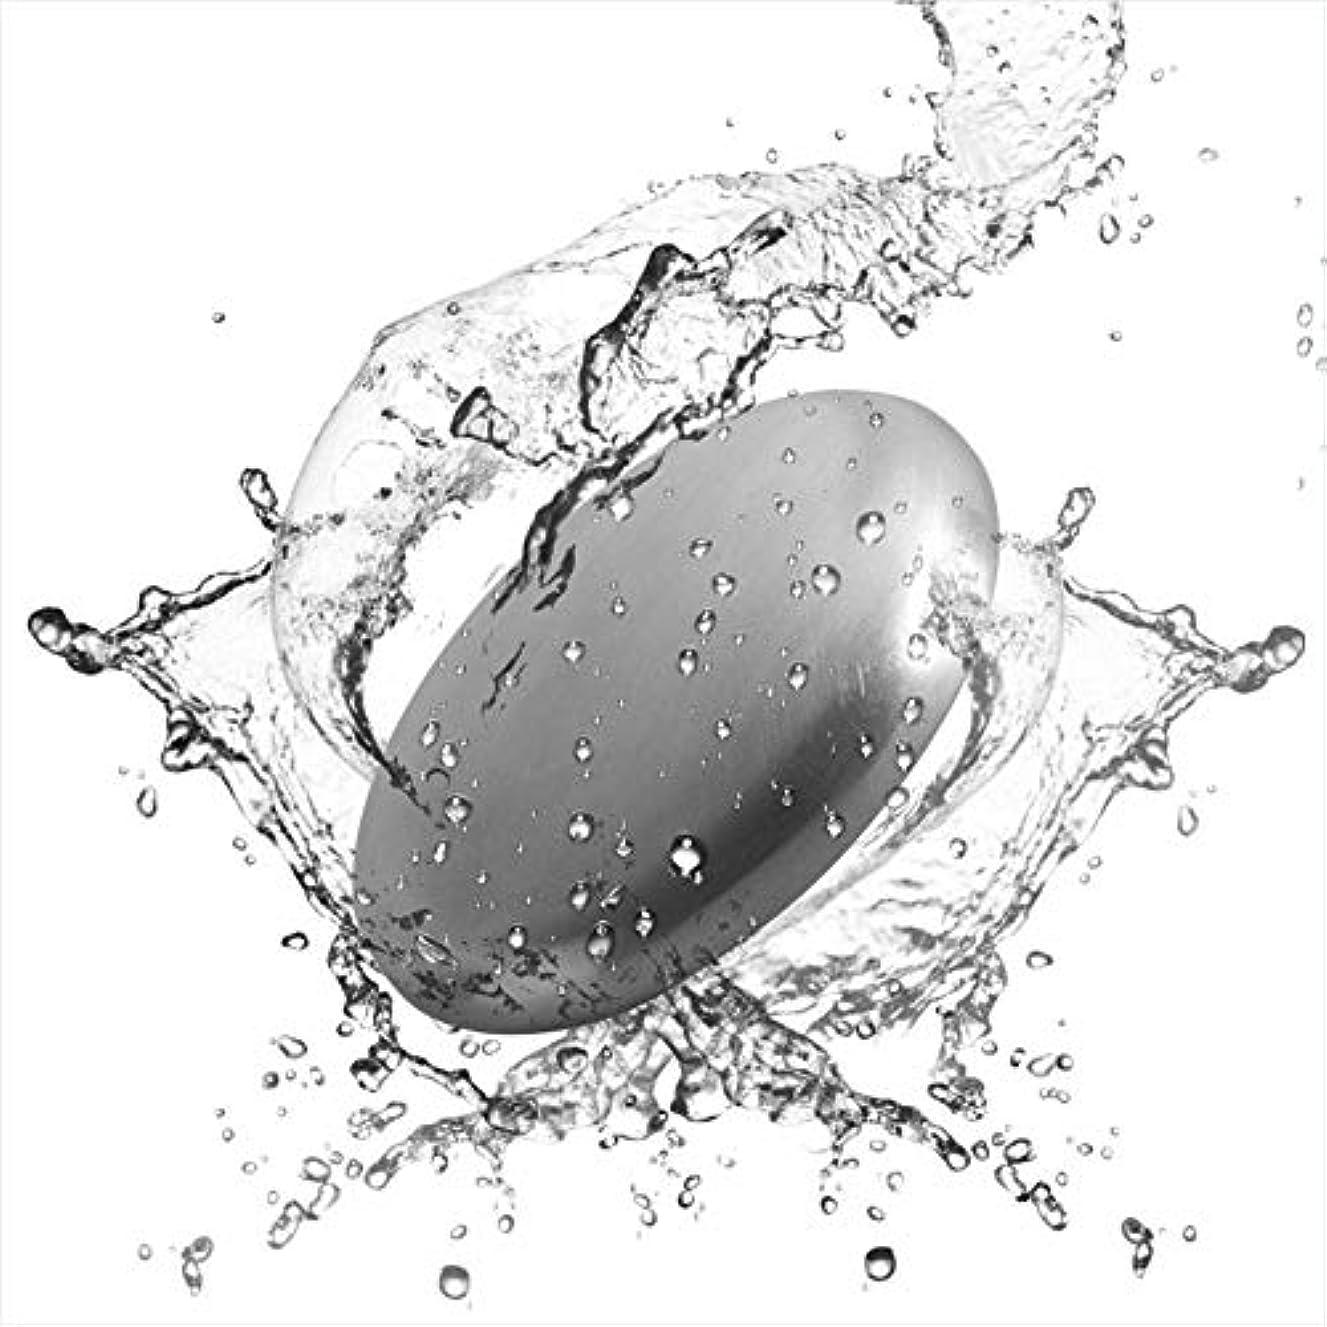 致死喉が渇いたクリックRefoiner ステンレス製品 ソープ 実用的な台所用具 石鹸 魚臭 玉ねぎやニンニク 異臭を取り除く 2個